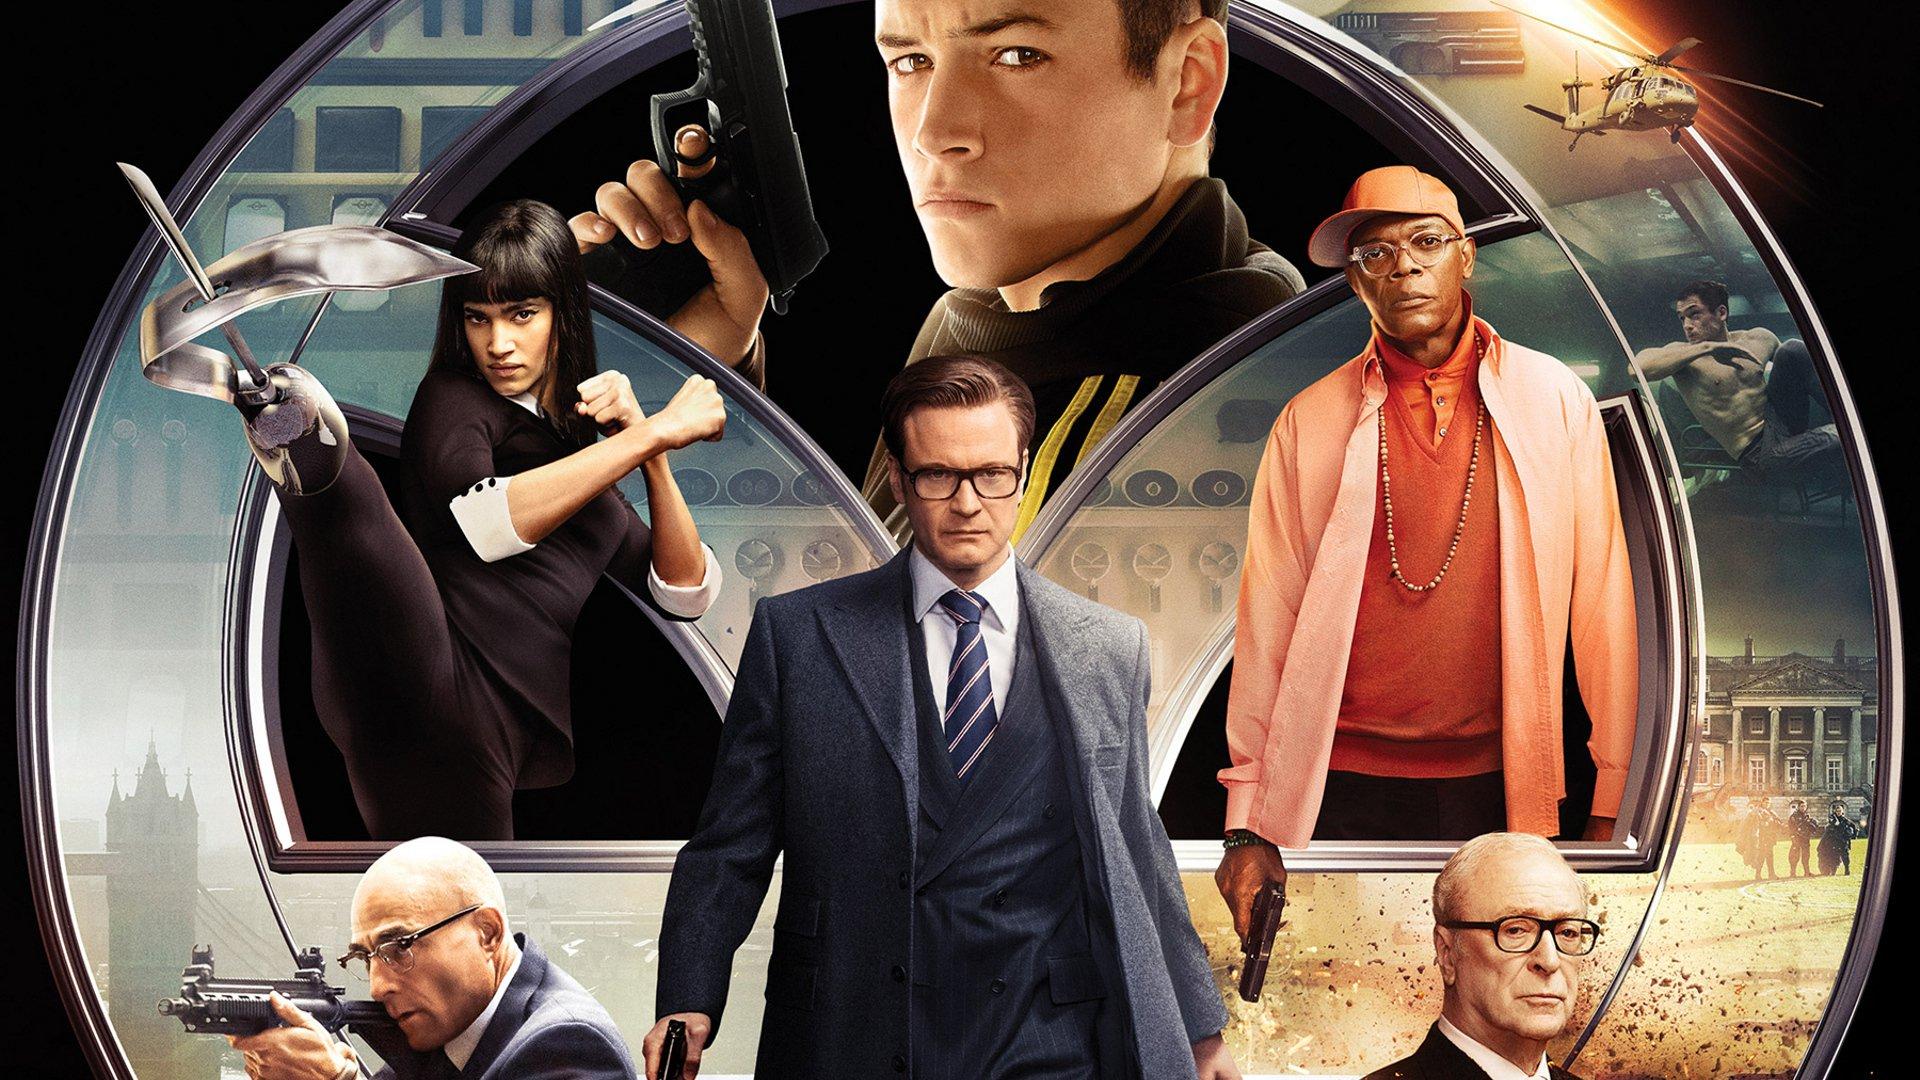 download kingsman the secret service 1080p torrent